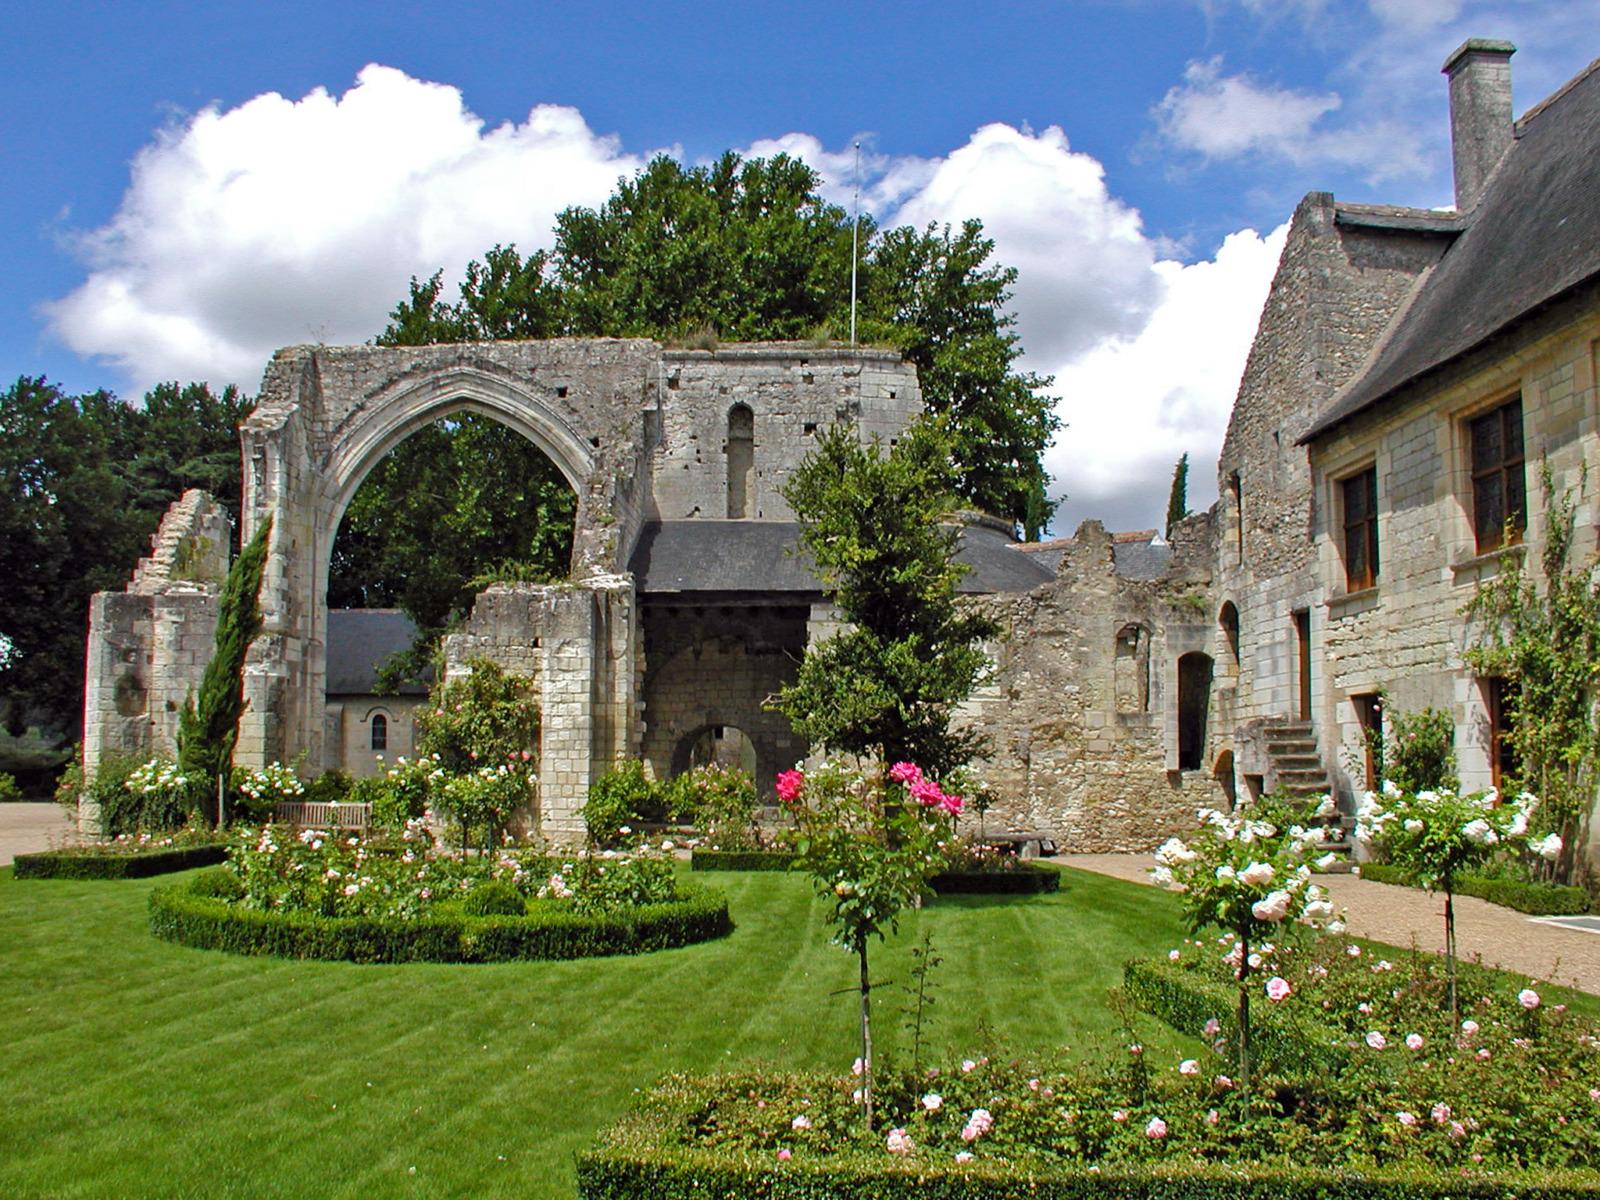 Prieuré de Saint-Cosme © Daniel Jolivet - licence [CC BY 2.0] from Wikimedia Commons